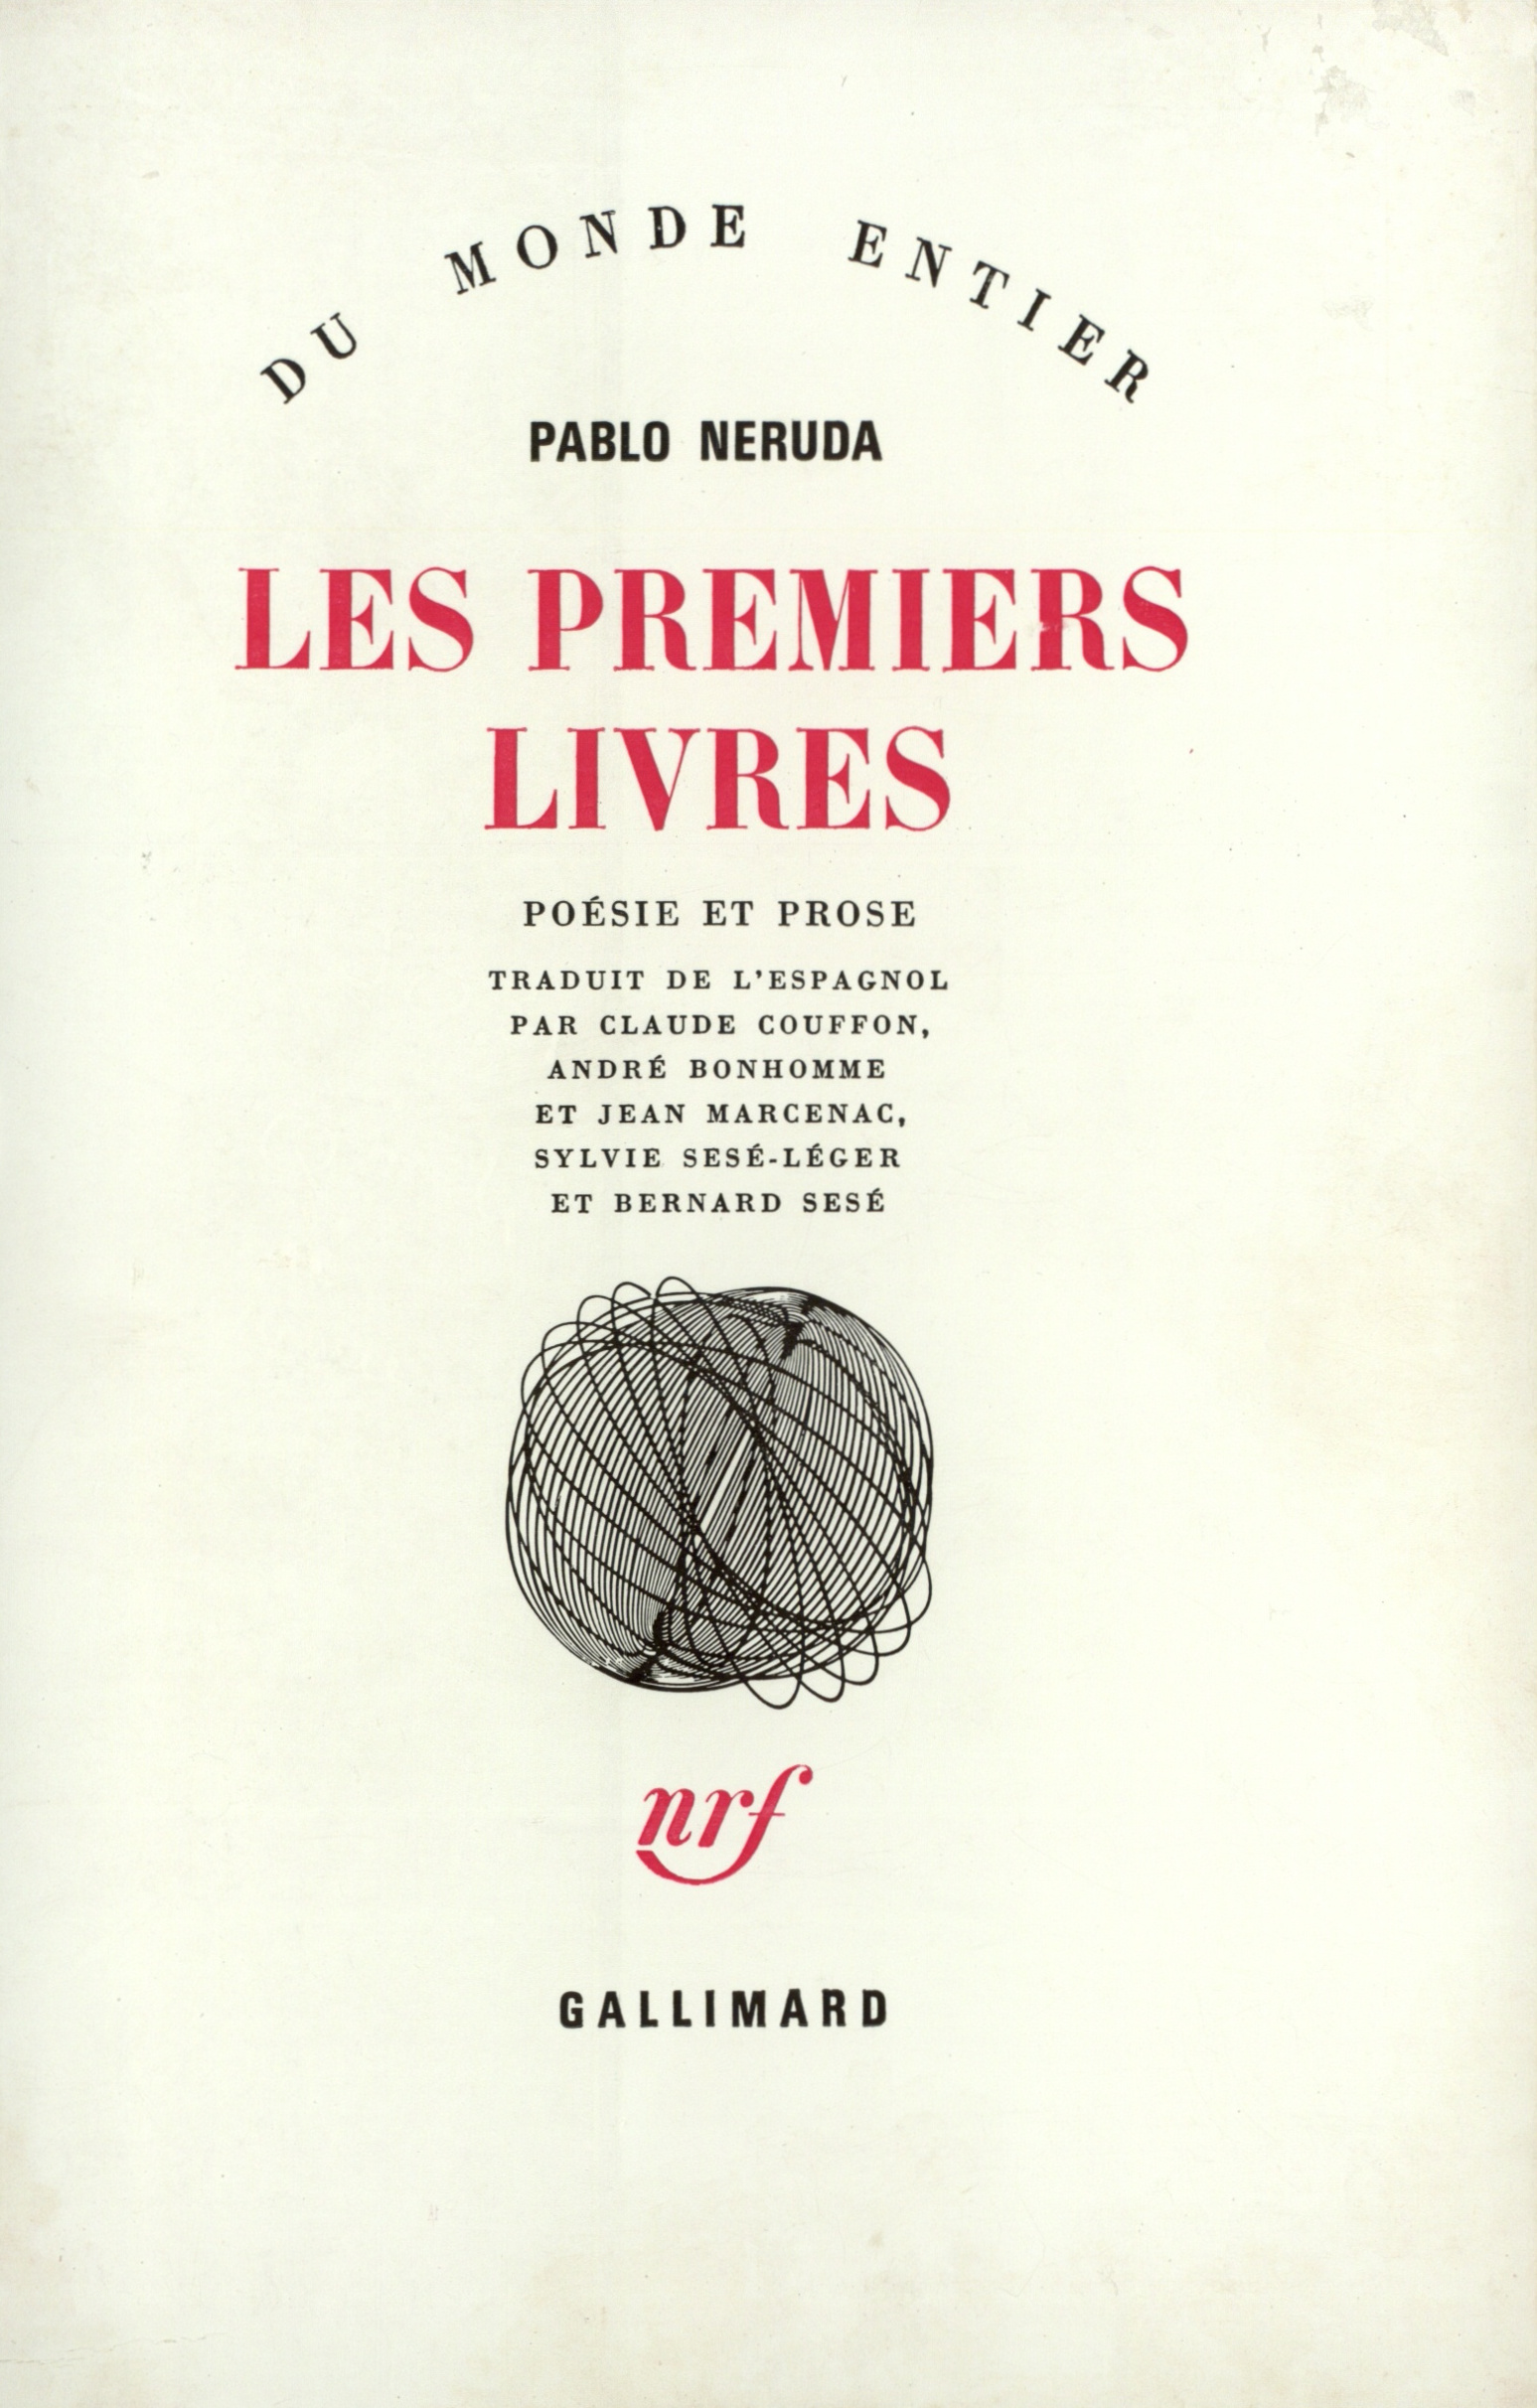 Les Premiers Livres Du Monde Entier Gallimard Site